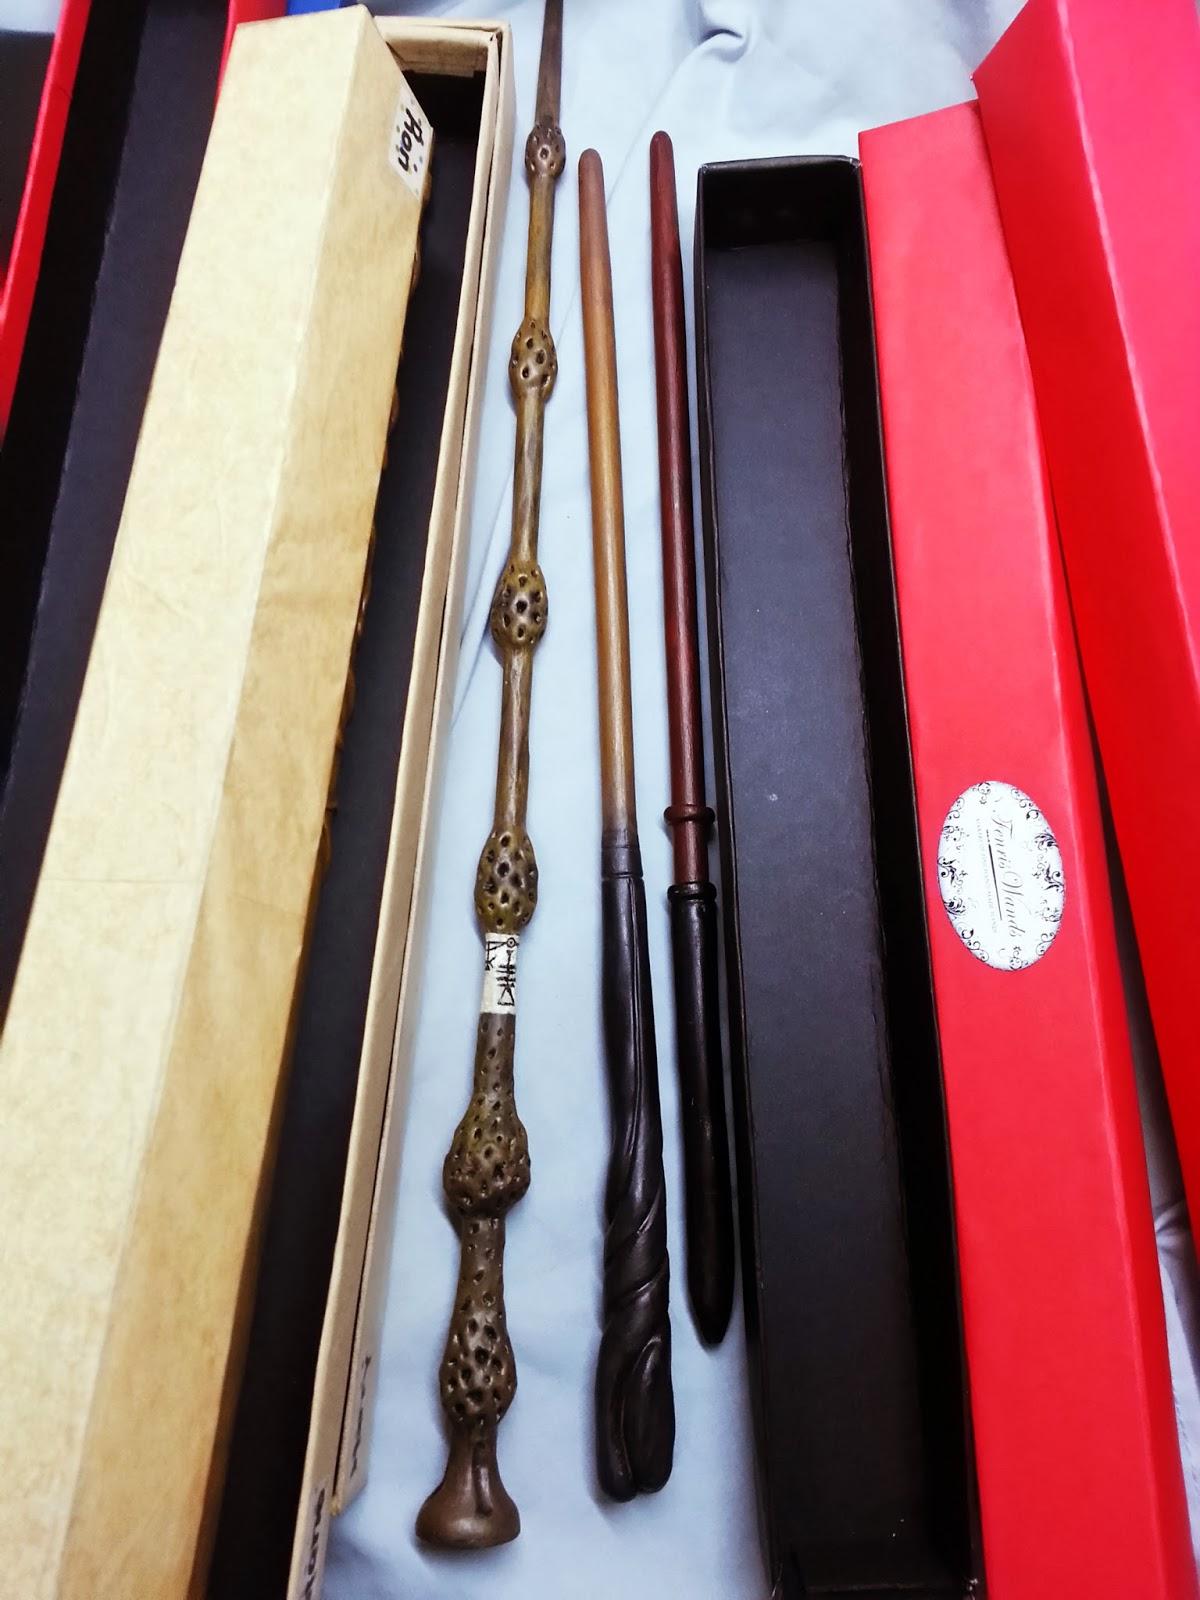 Kyabetsu kawaii fenris wands for Light up elder wand